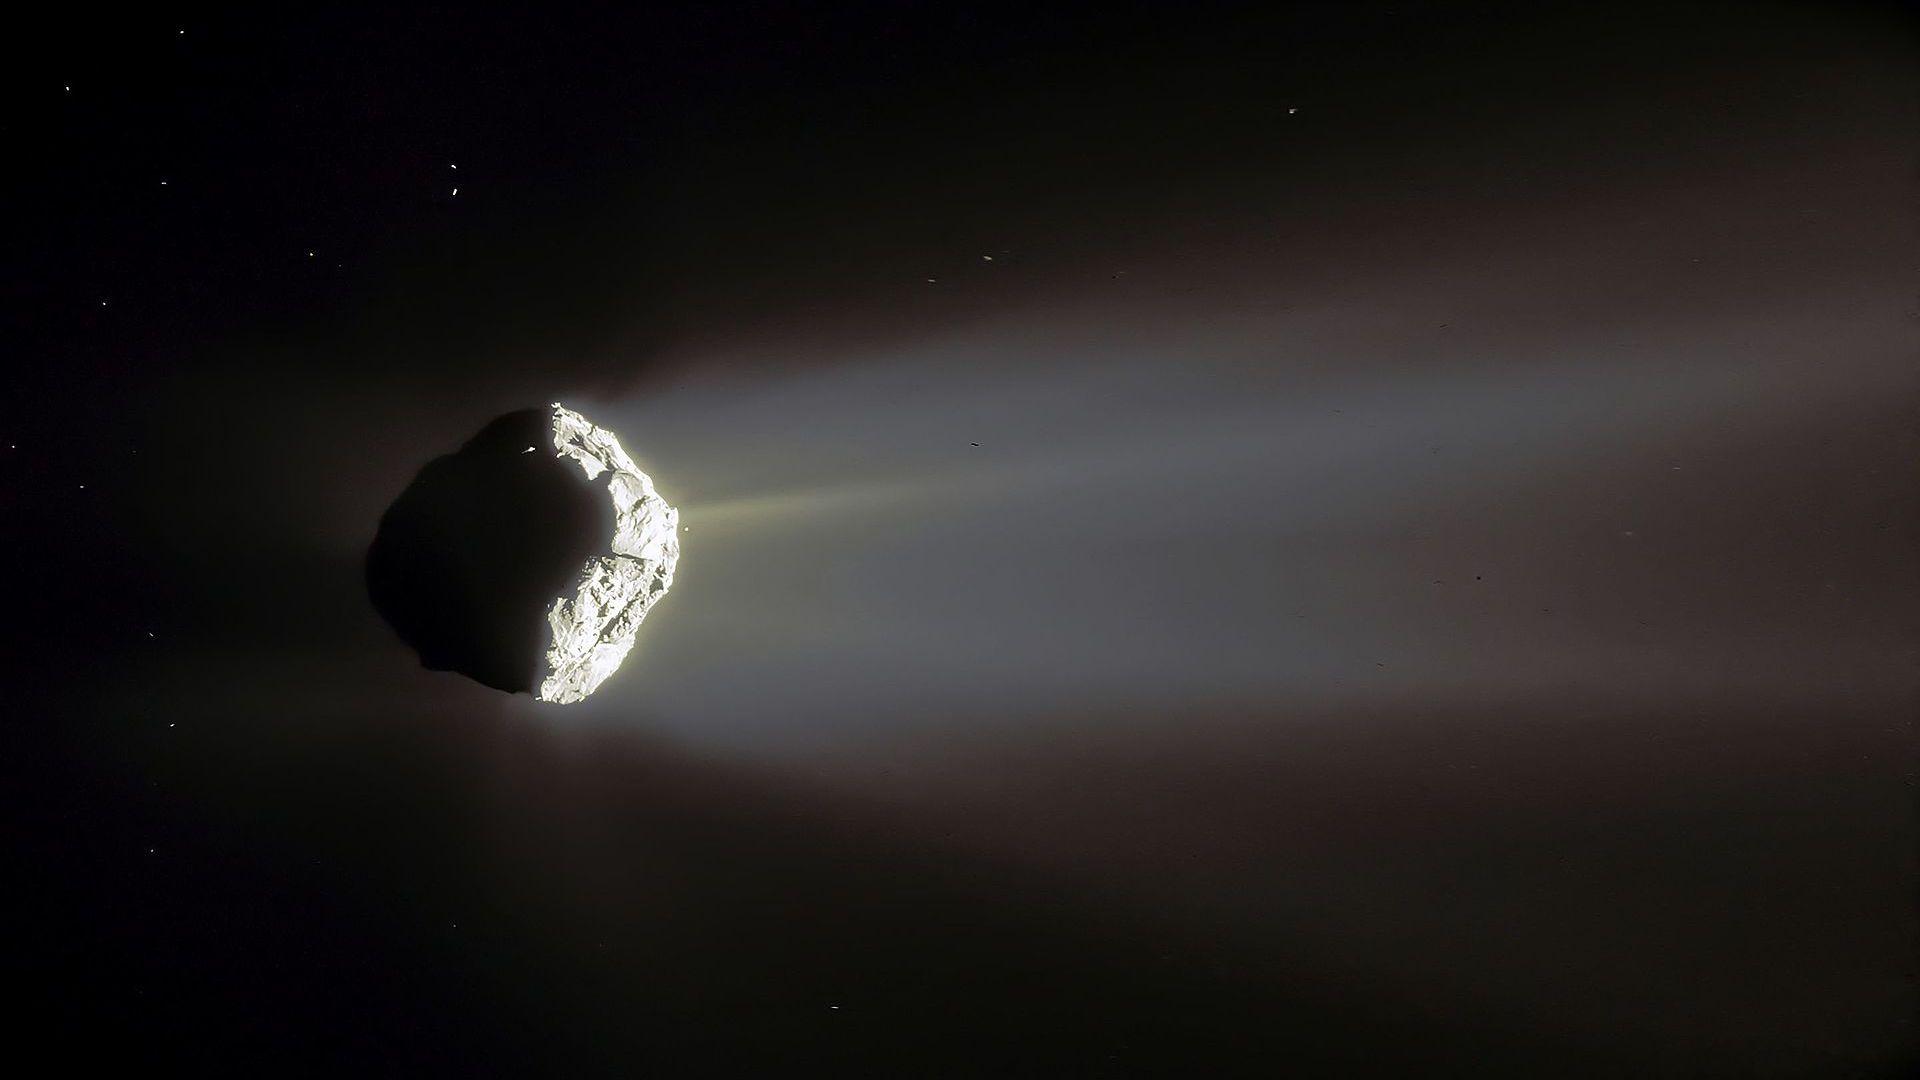 Ледът на кометата Чурюмов/Герасименко е като пяна от капучино